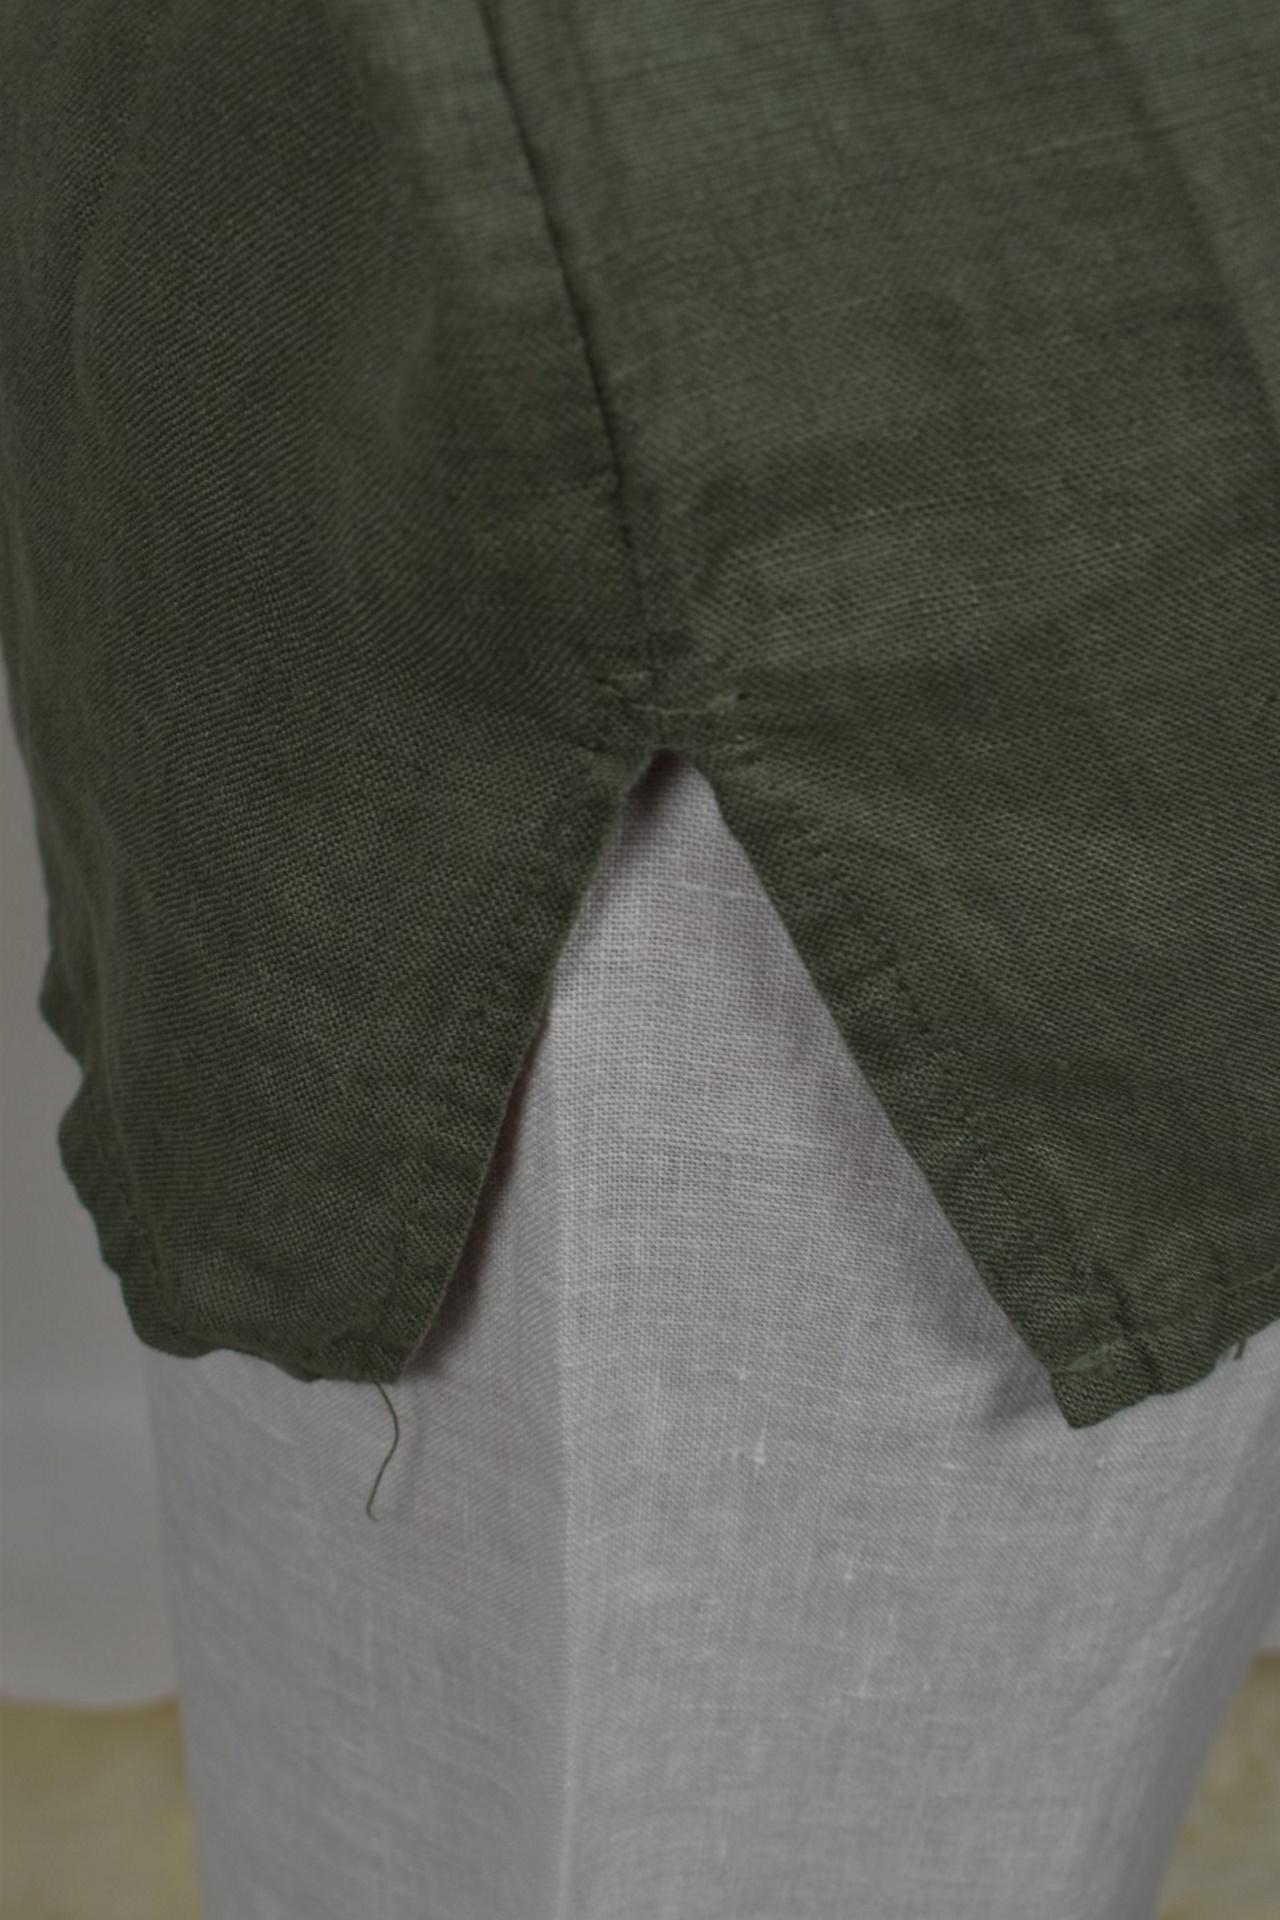 MAGMAXPE2101 ARMY MAGLIA DA DONNA GIROCOLLO CON MANICA A 34 100 LINO 3 1stAmerican maglia da donna girocollo con manica a 3/4 100% lino Made in Italy - t-shirt manica corta da donna mare in lino